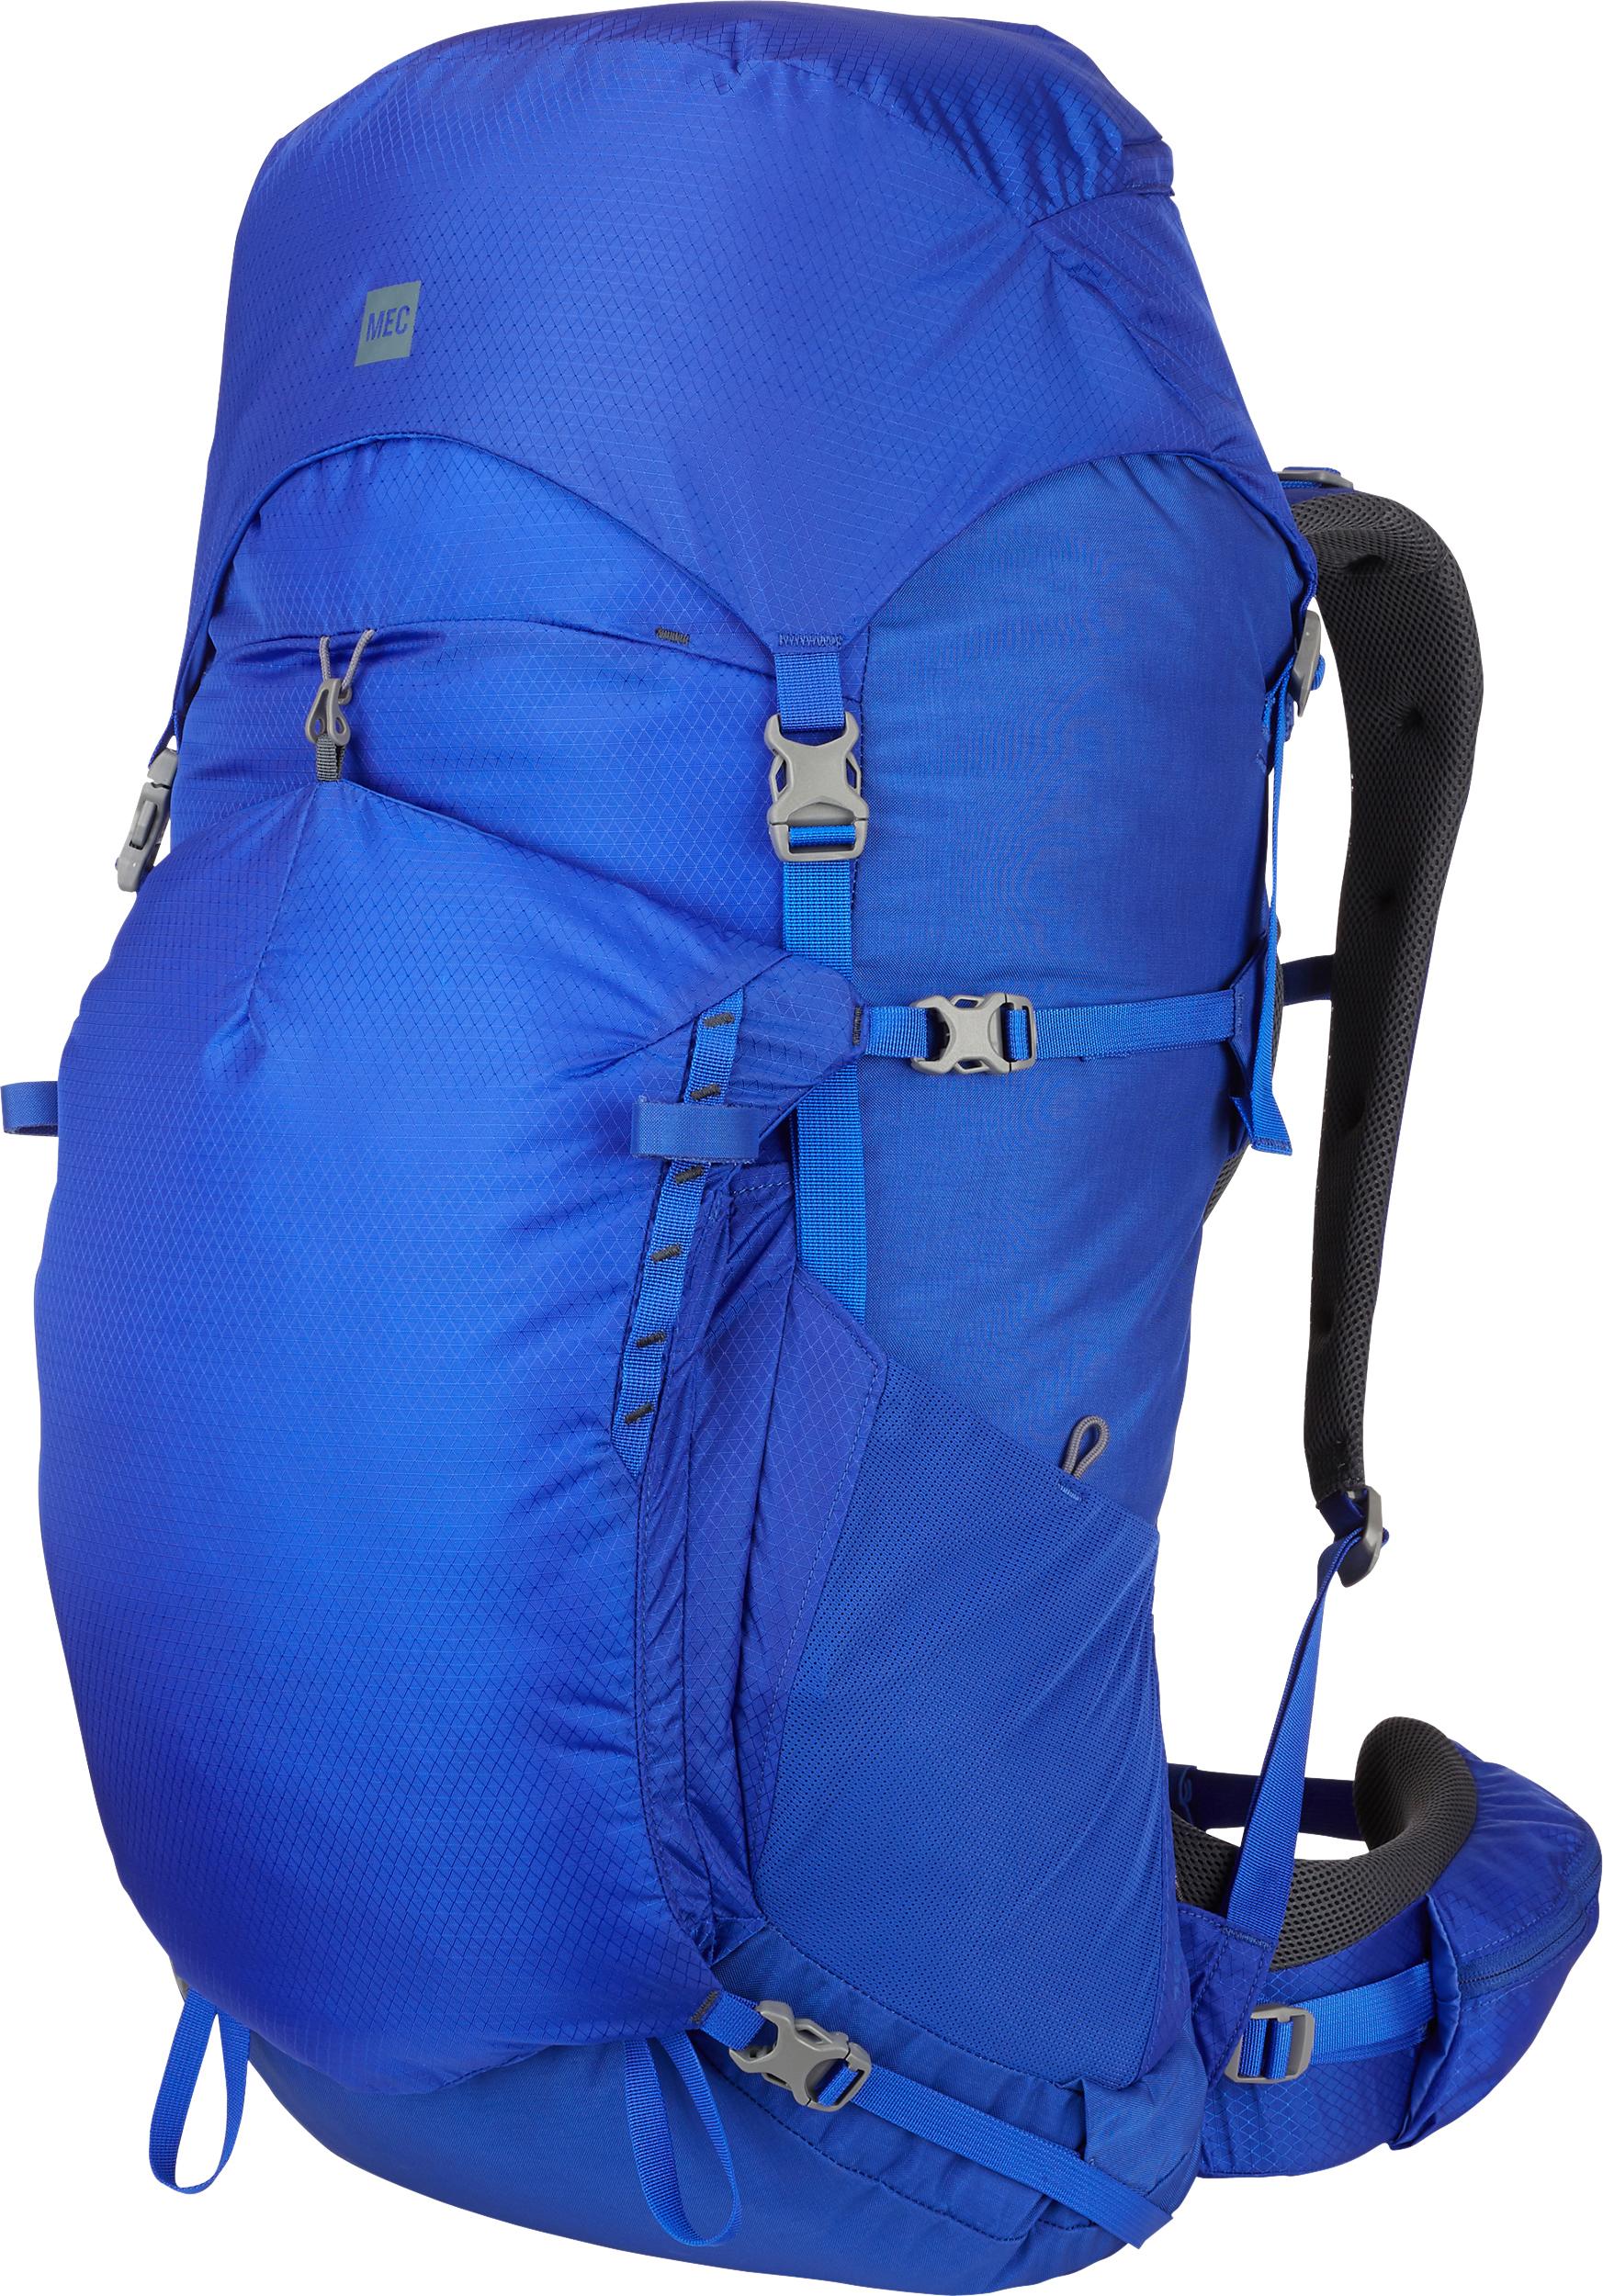 MEC Zephyr 60 Backpack - Men s 697a47c59a66b